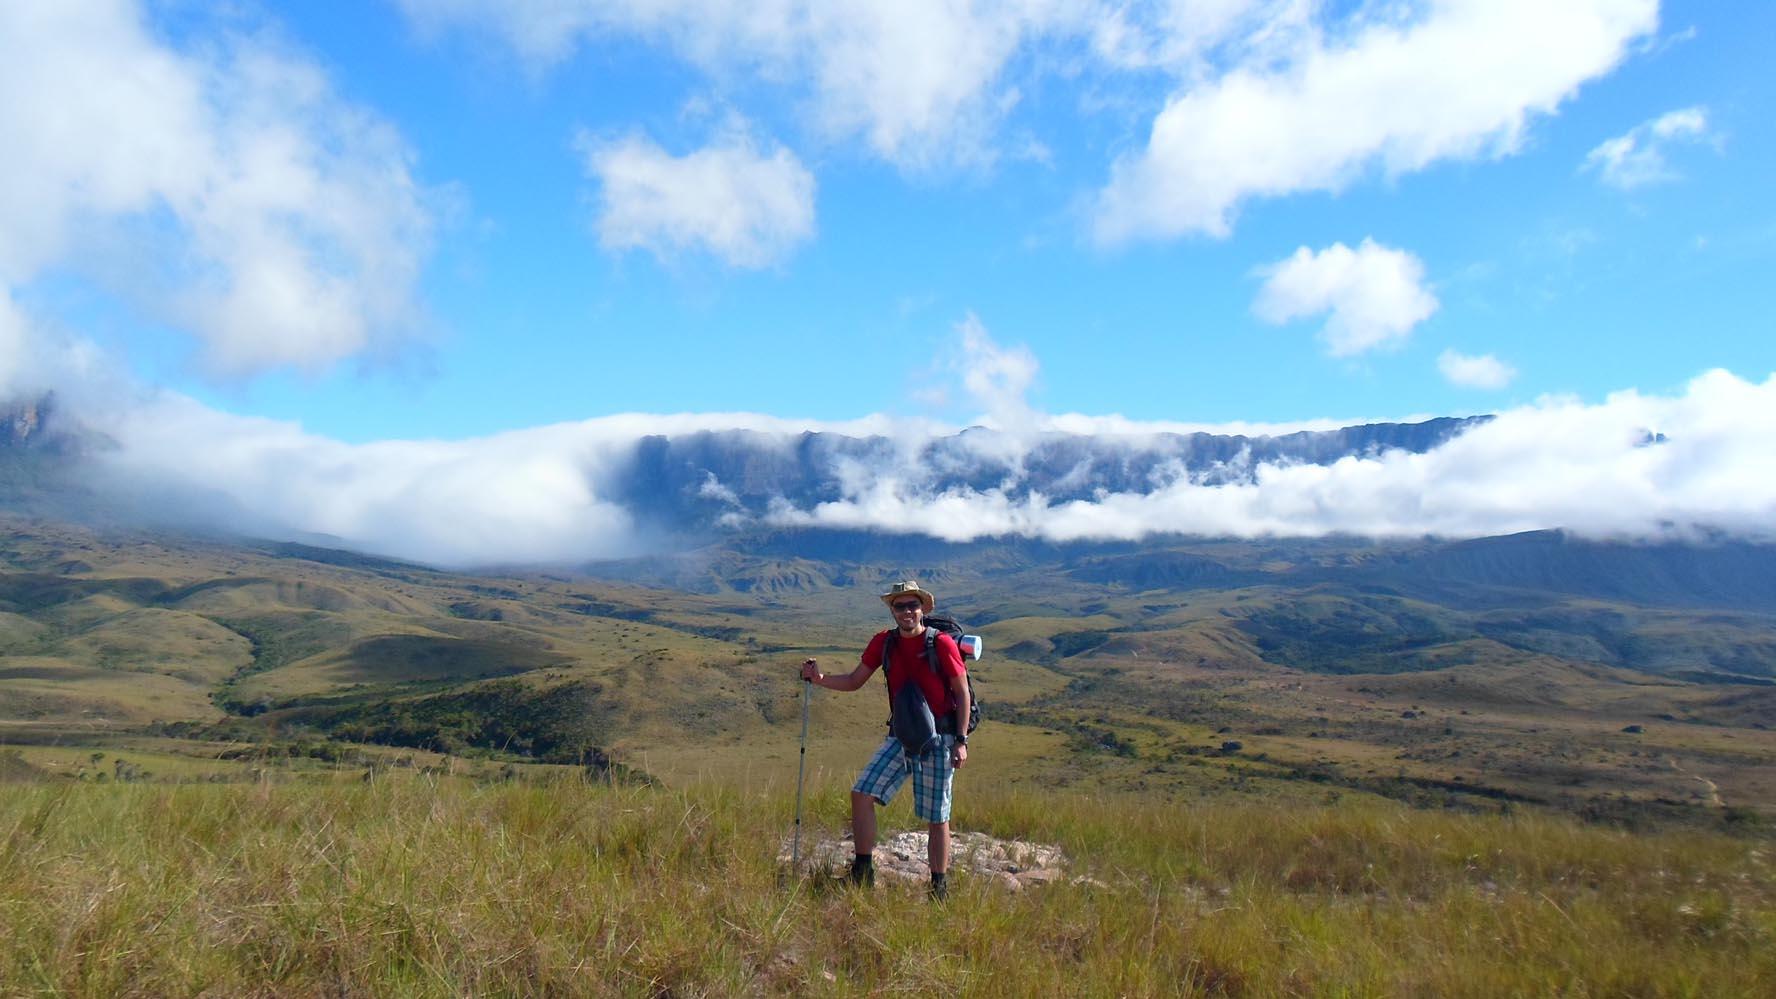 Alex Coco Pro cuenta que el país tiene todos los escenarios para practicar turismo de montaña, de playa, submarinismo, canyoning y escalada